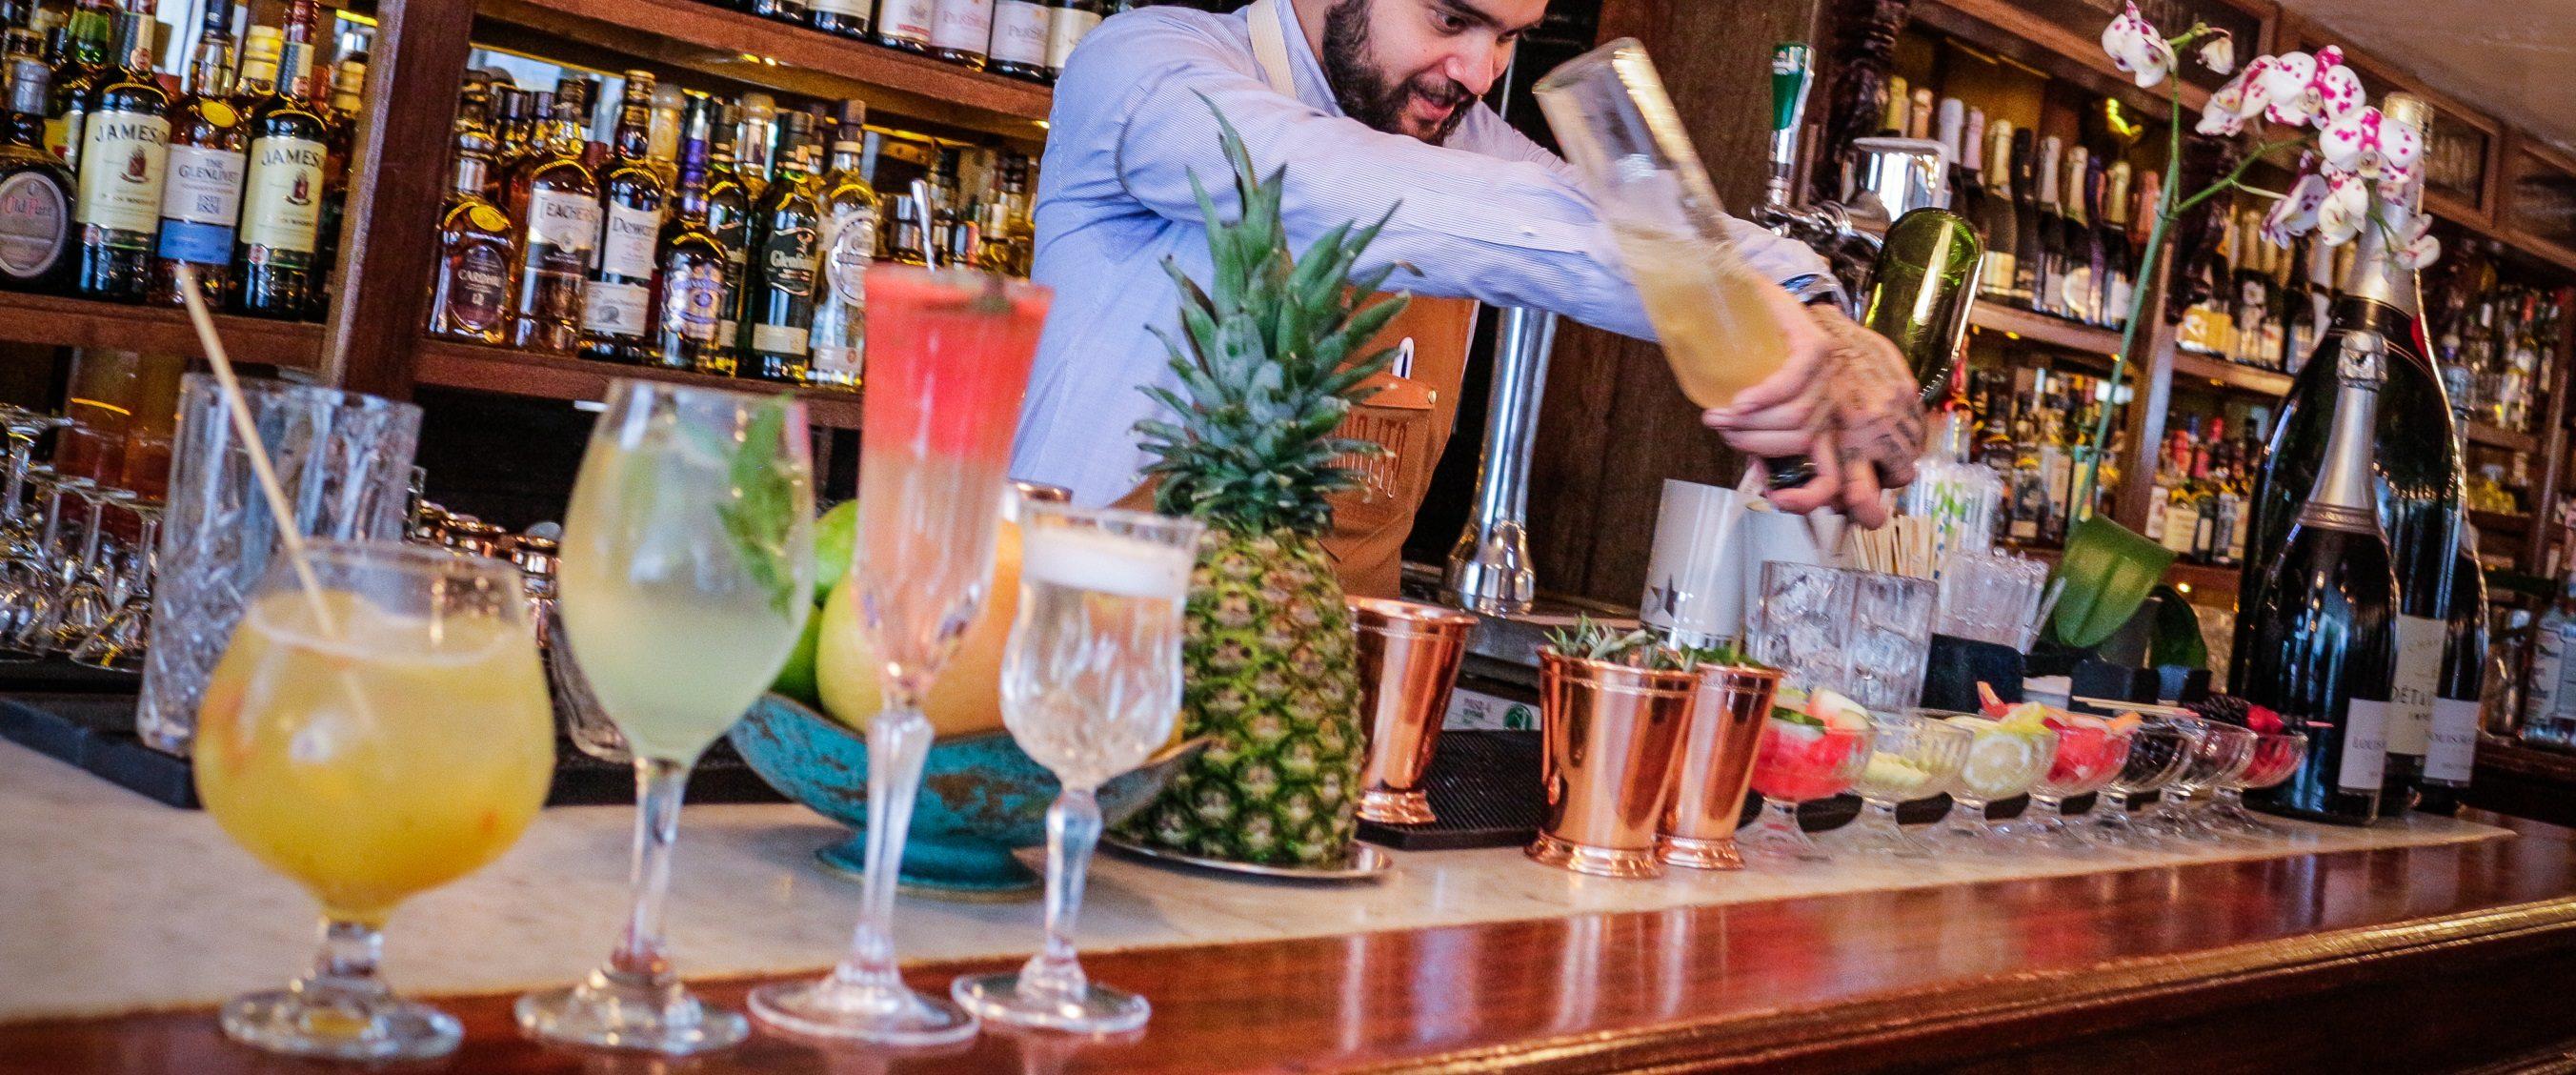 3 recetas de cócteles refrescantes para este caluroso verano en la CDMX